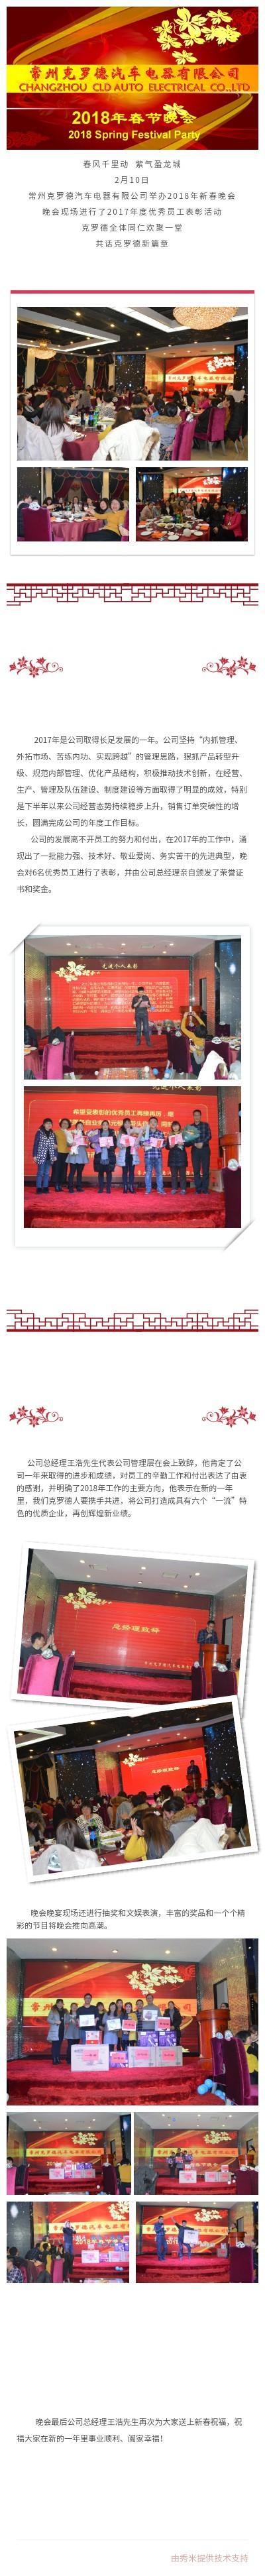 举杯同庆迎佳节  携手共进绘新篇--克罗德举办2018春节晚会.jpg